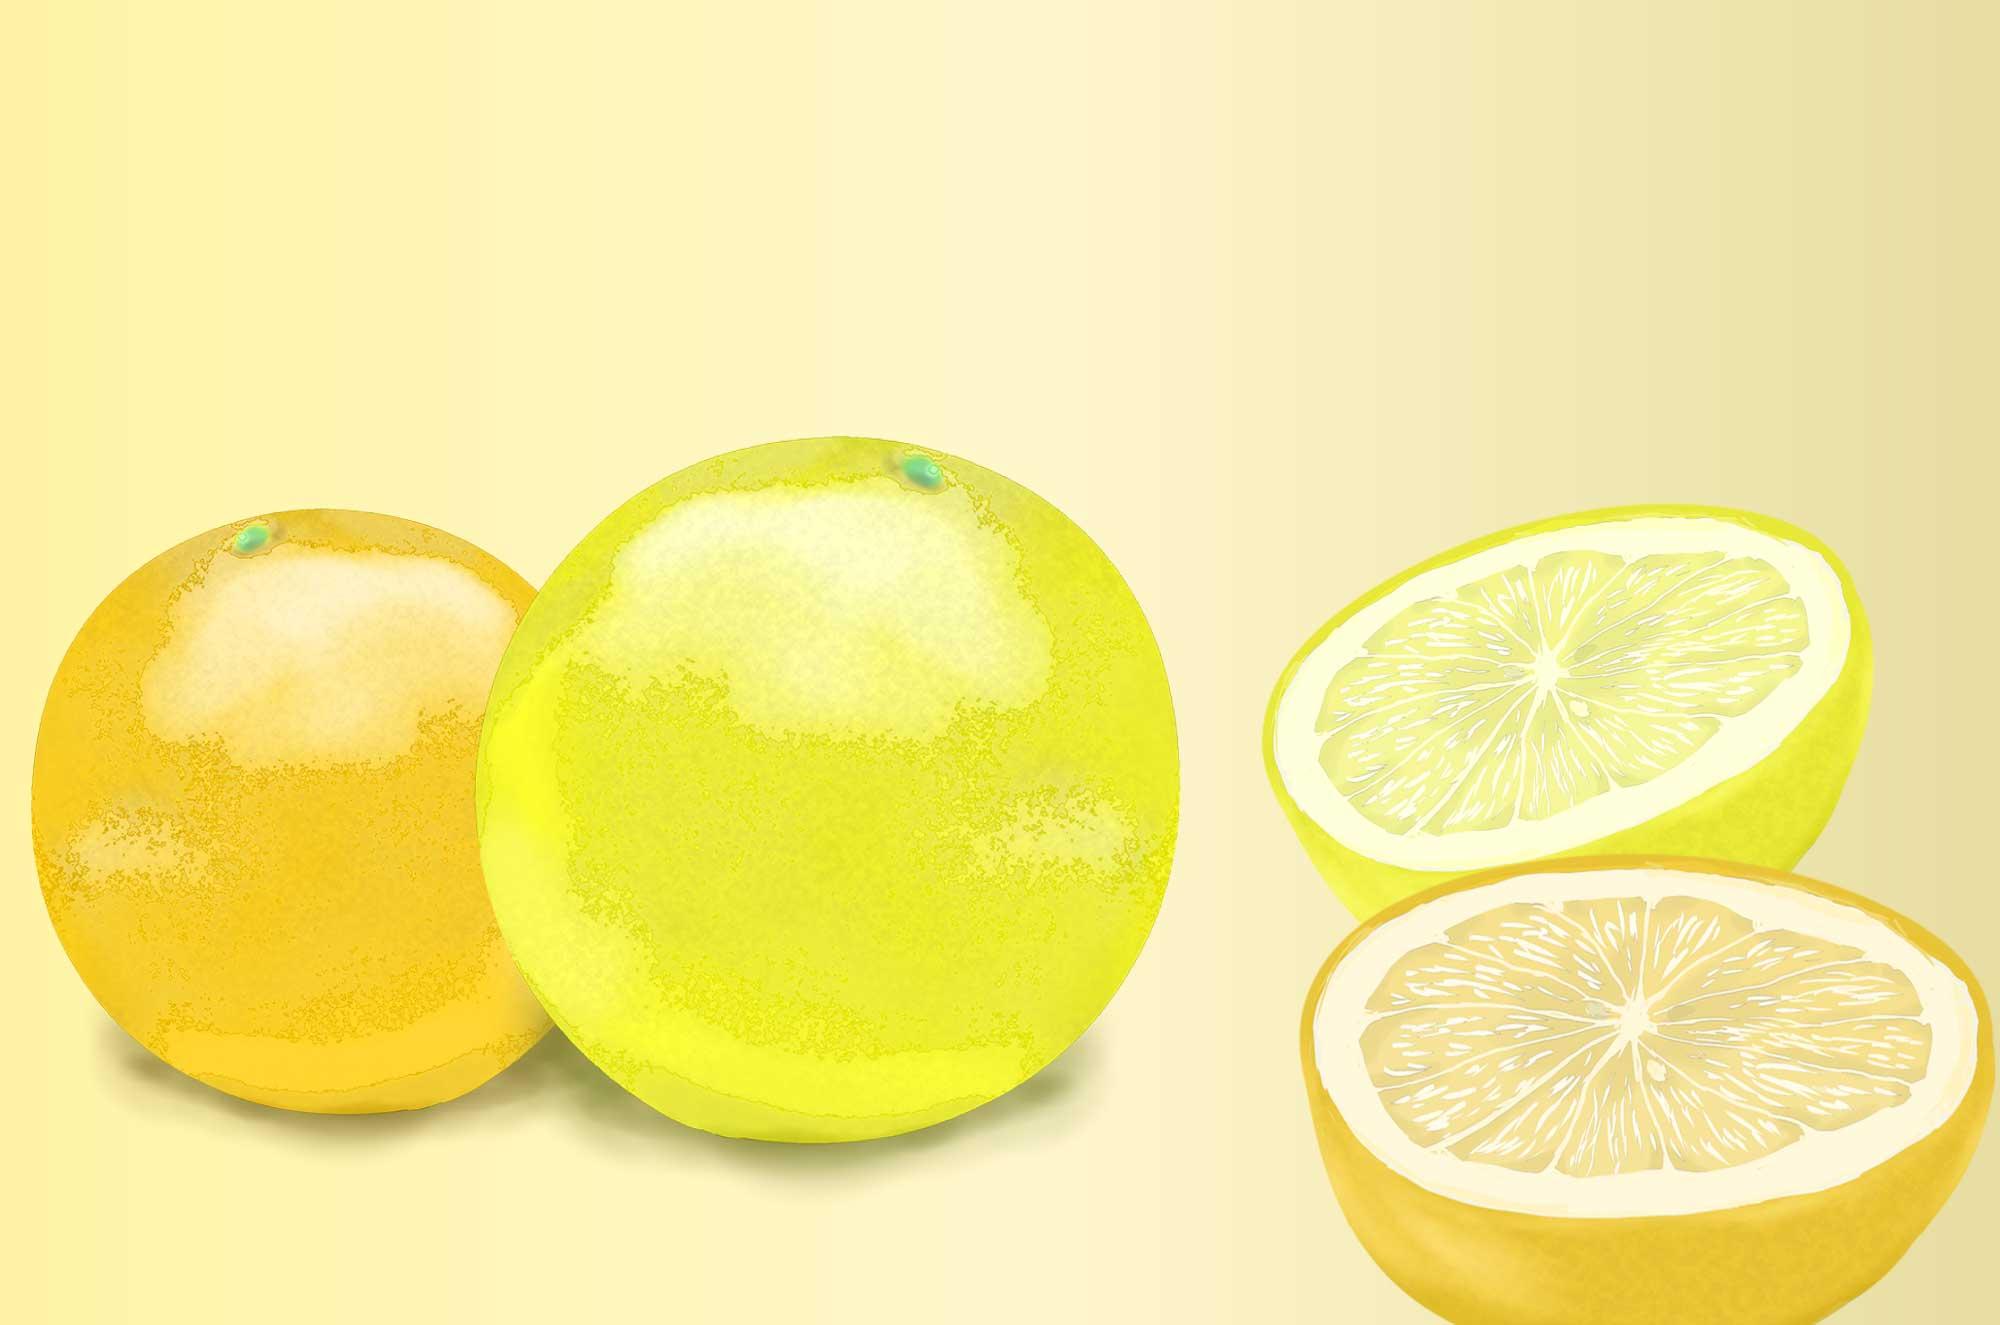 グレープフルーツのイラスト | オレンジ無料素材も